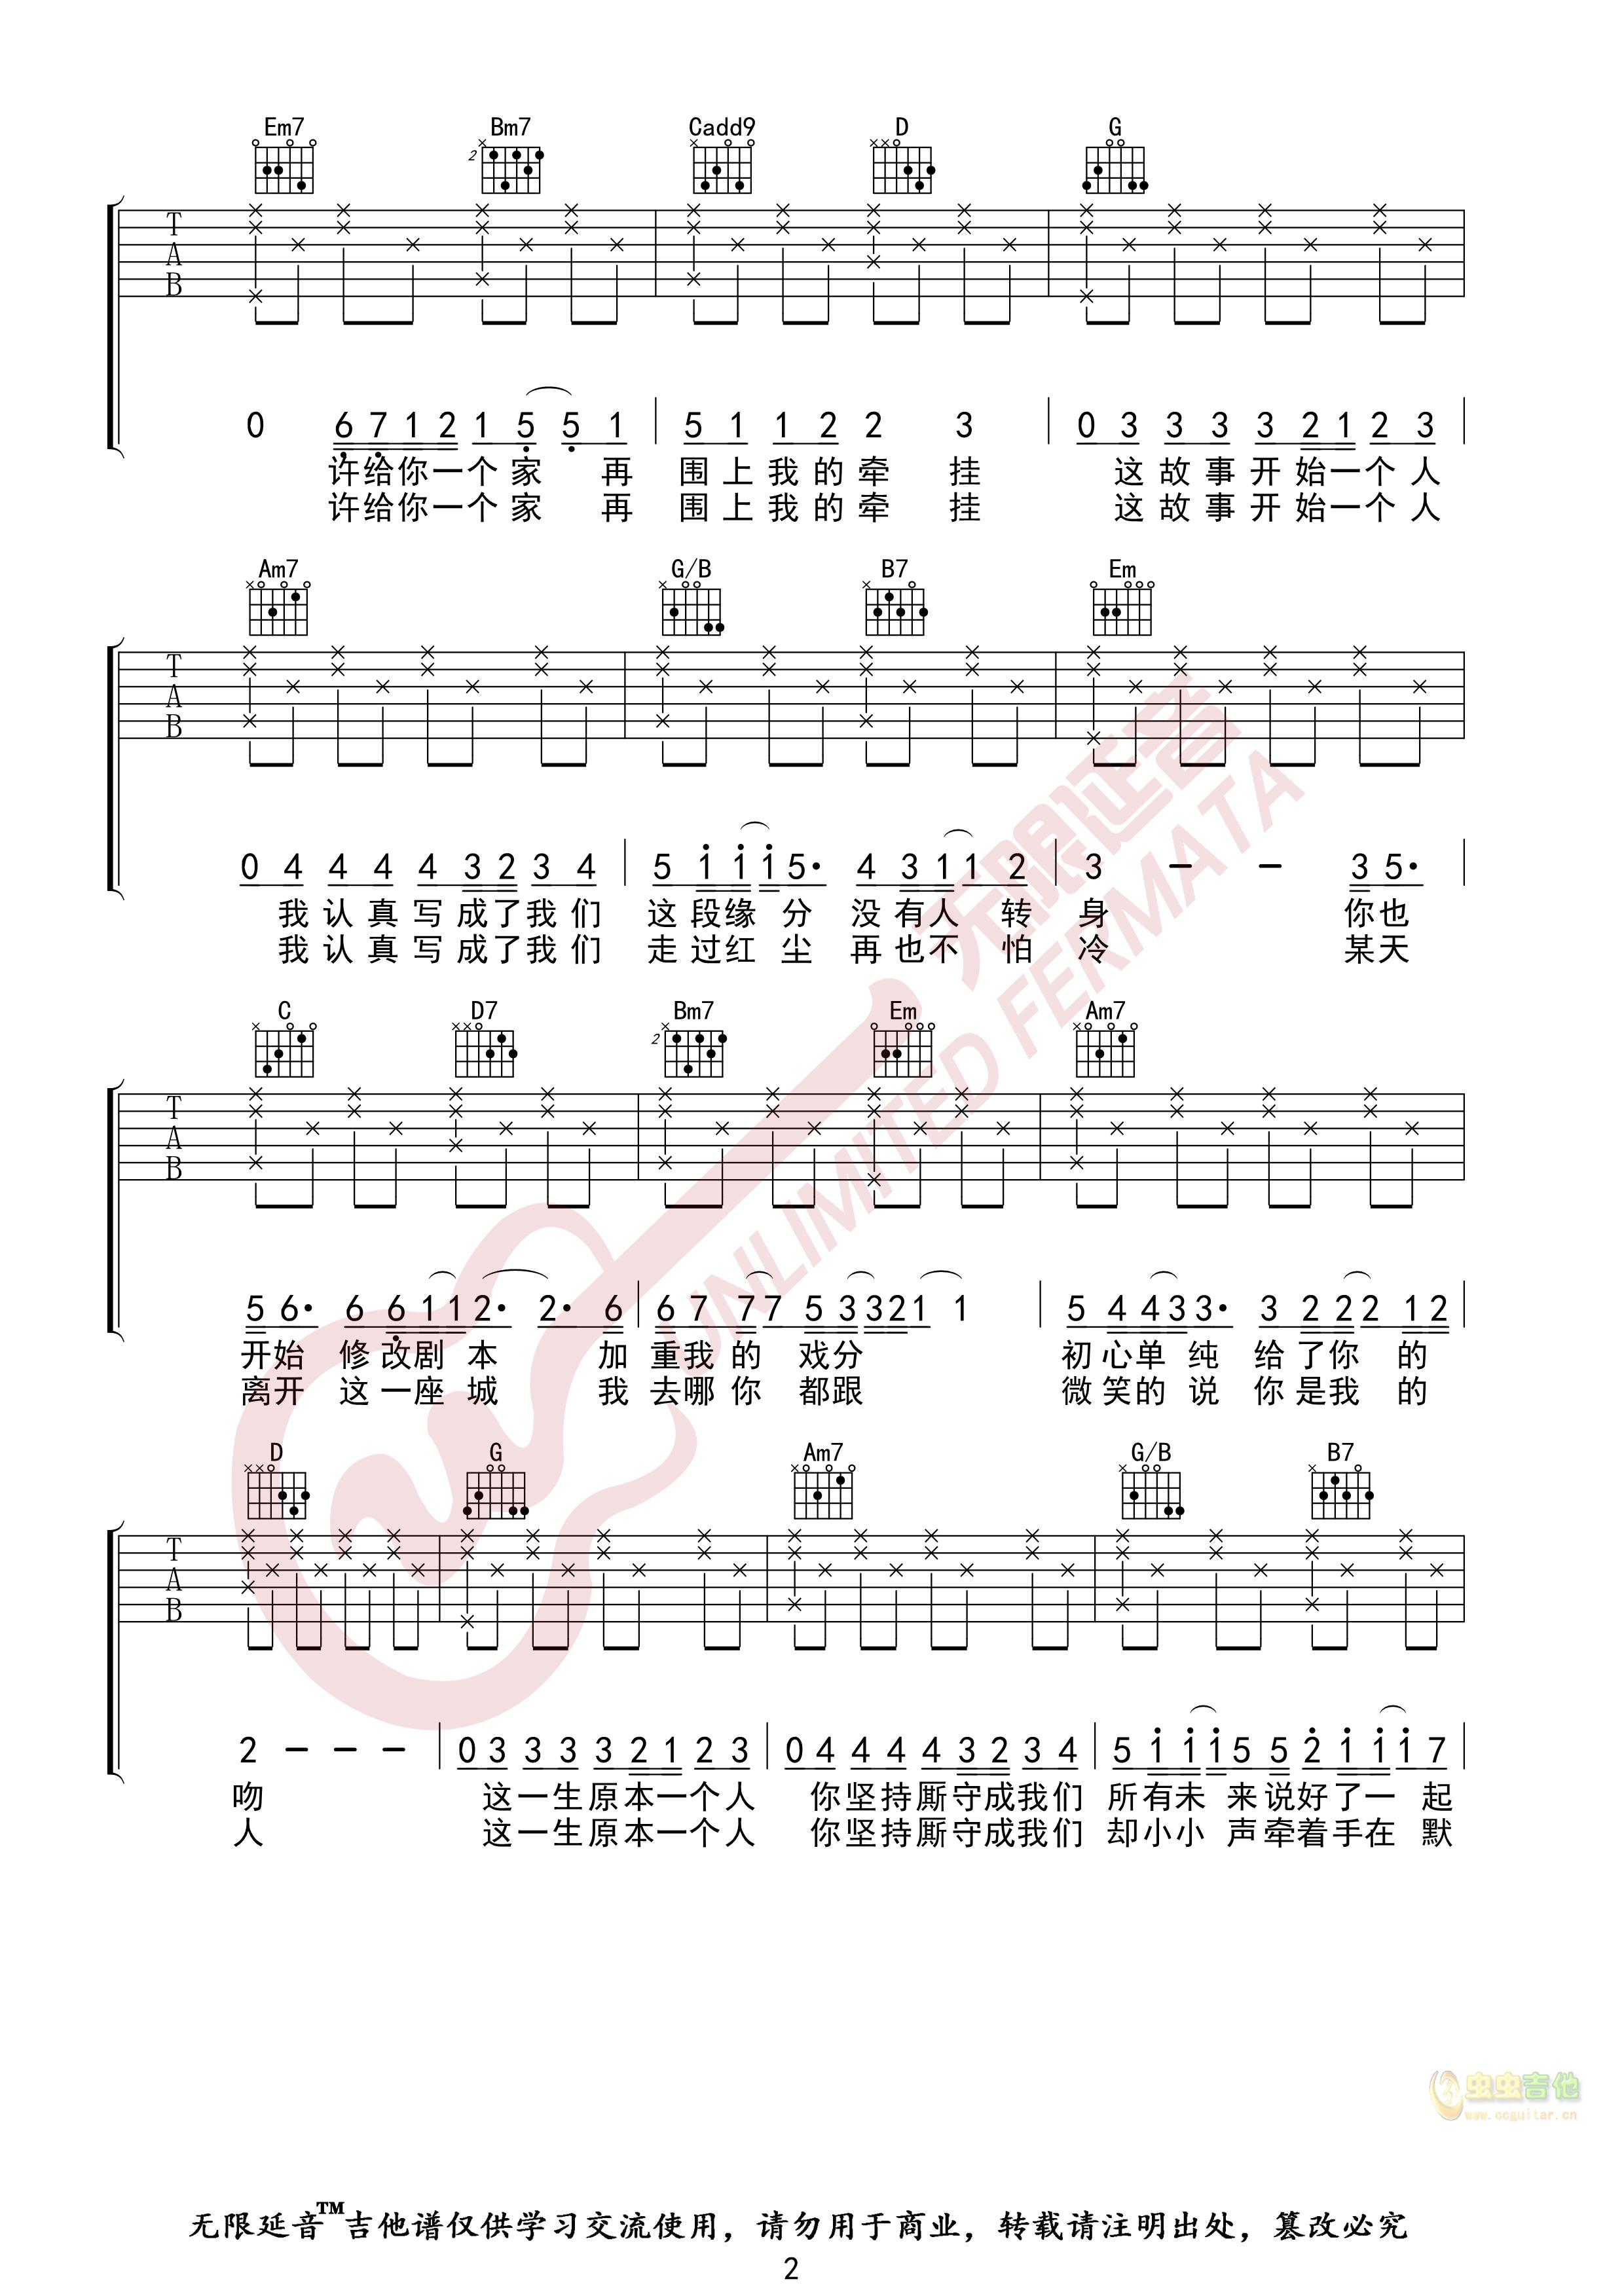 林俊杰 将故事写成我们 吉他谱 无限延音编配...-C大调音乐网